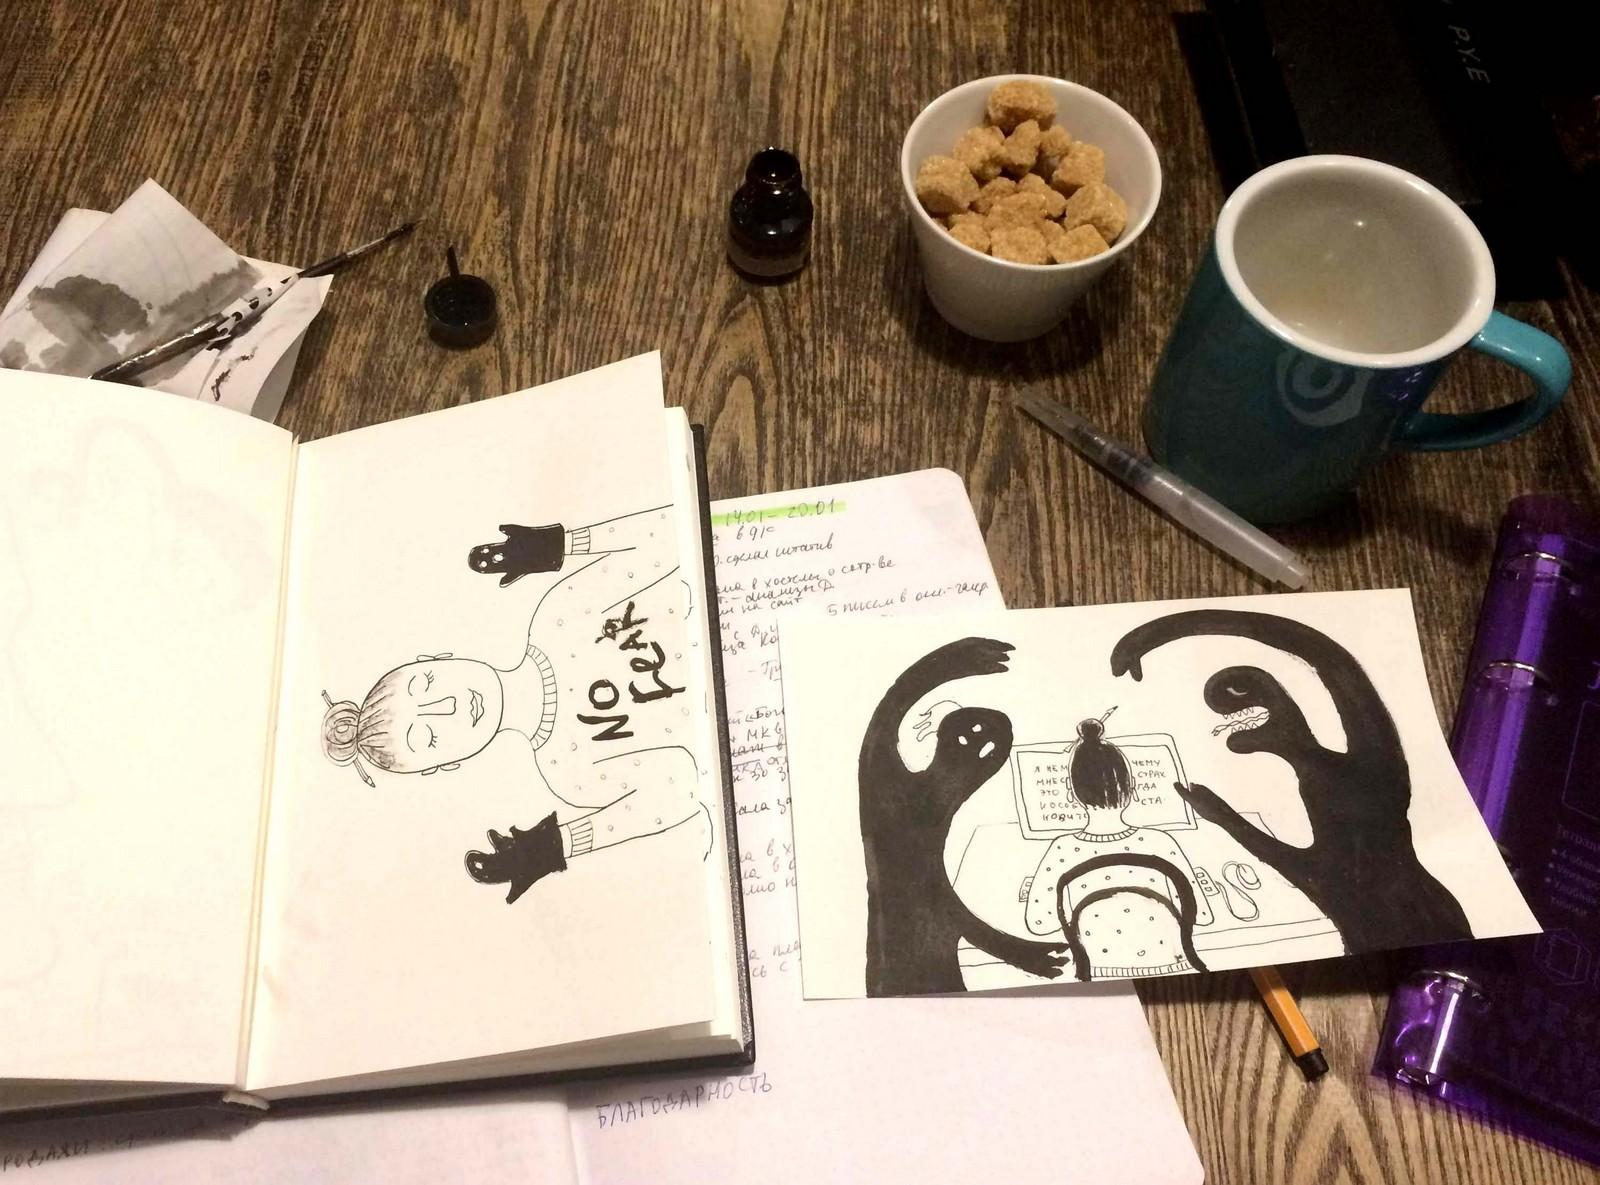 Как преодолеть страхи в творчестве: рисунки и рецепты | Nadin Piter Надин Питер блог Нади Демкиной